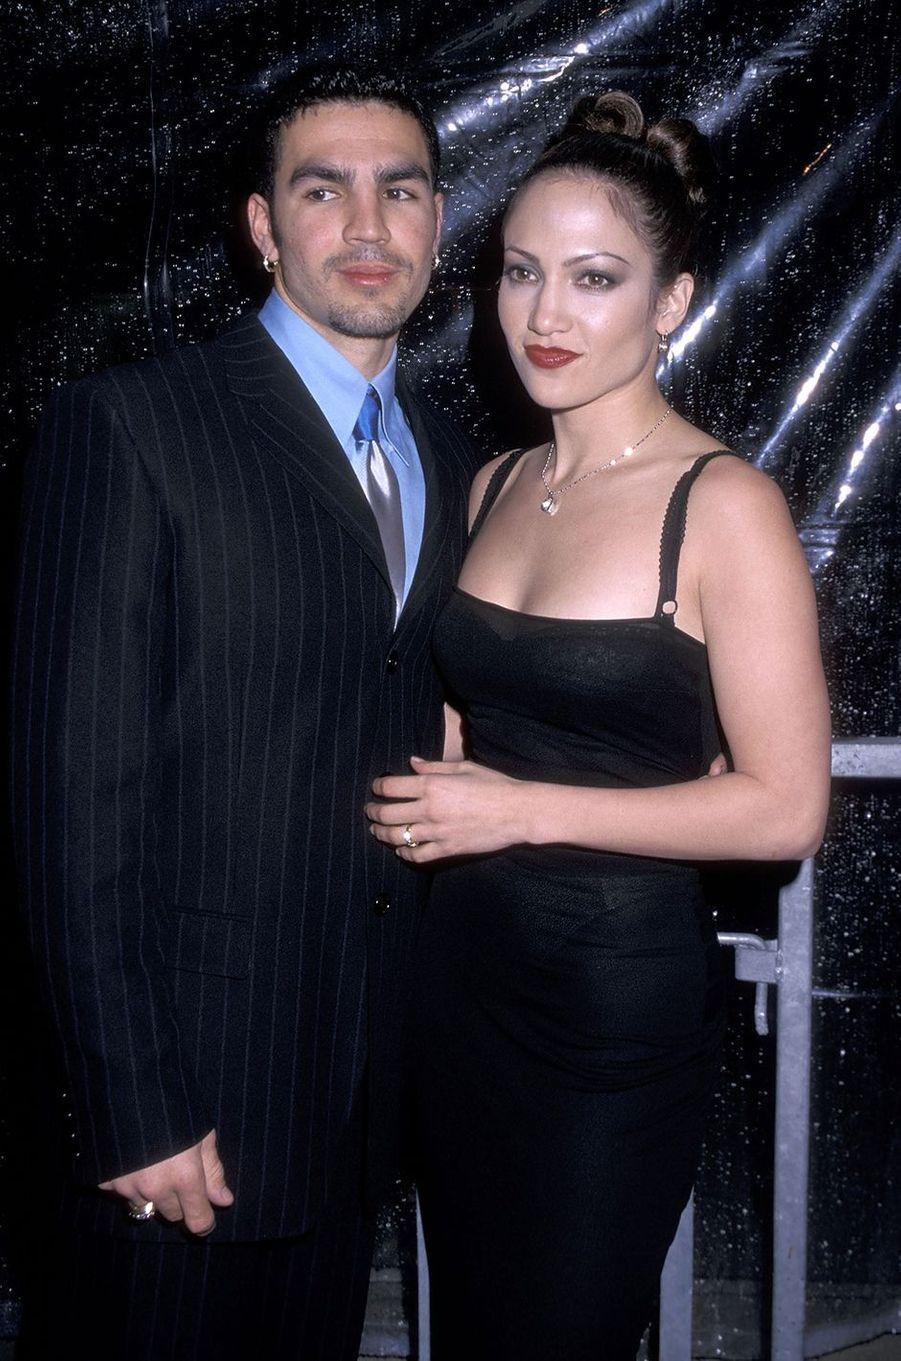 Ojani Noa et Jennifer Lopez lors d'une inauguration à Los Angeles en février 1998.Le couple a été marié entre 1997 et 1998.